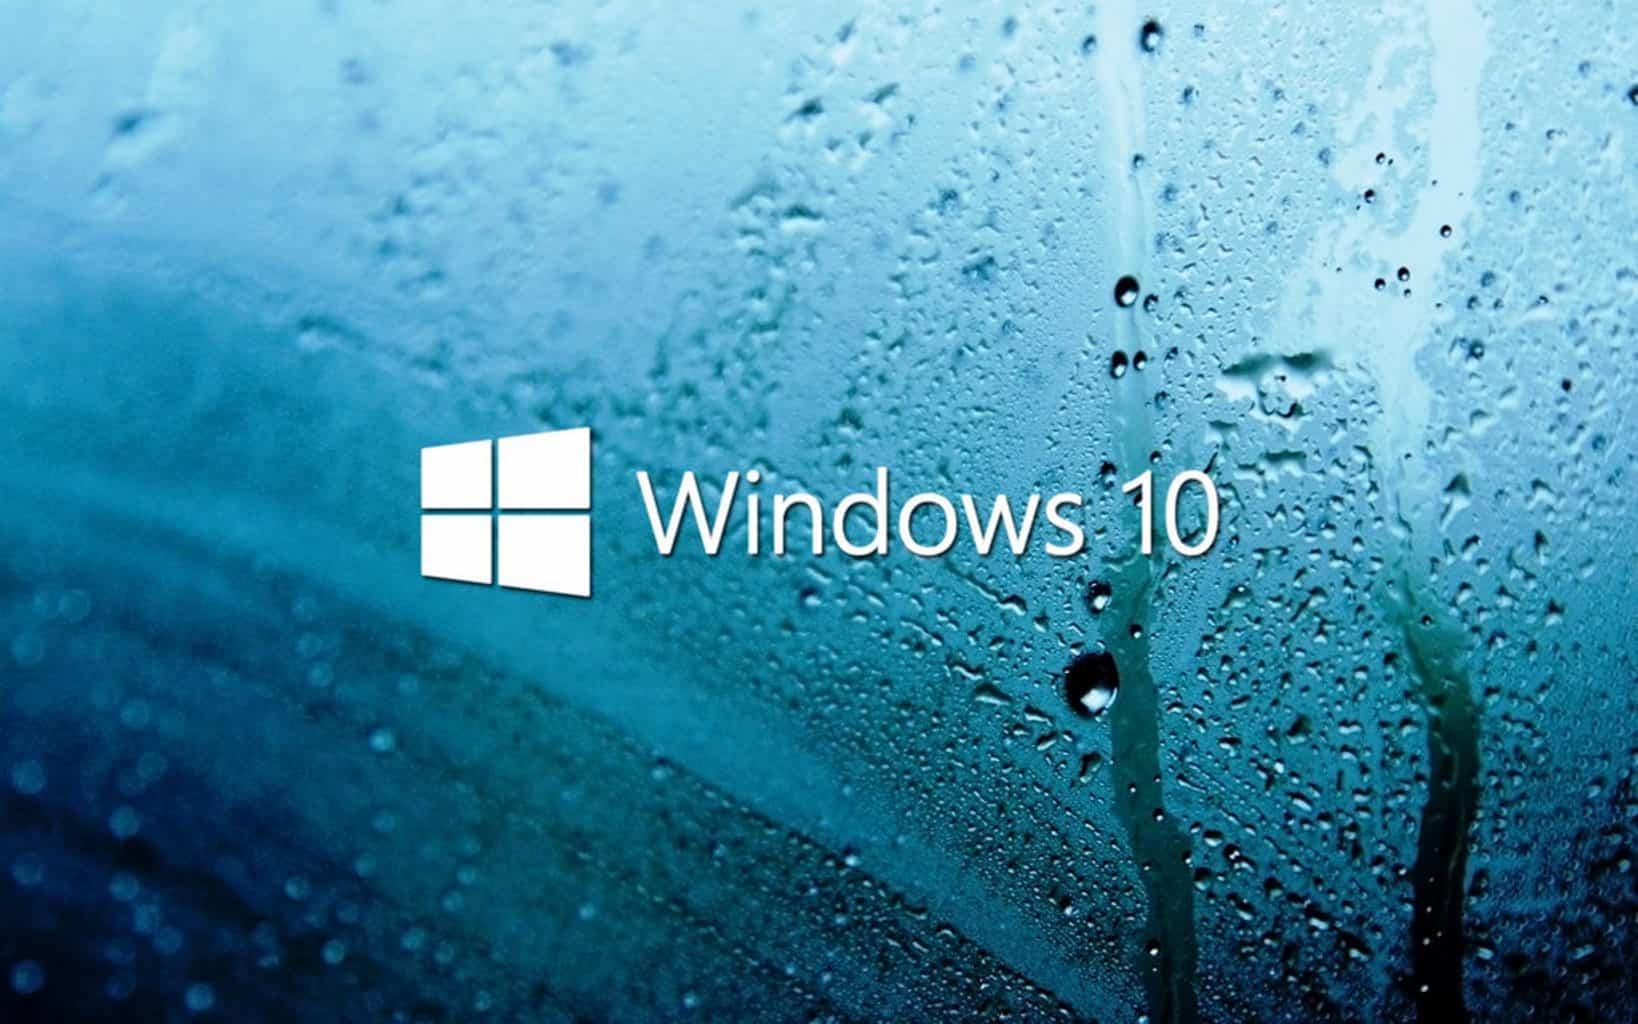 Windows 10 Pro Wallpaper Hd لم يسبق له مثيل الصور Tier3 Xyz